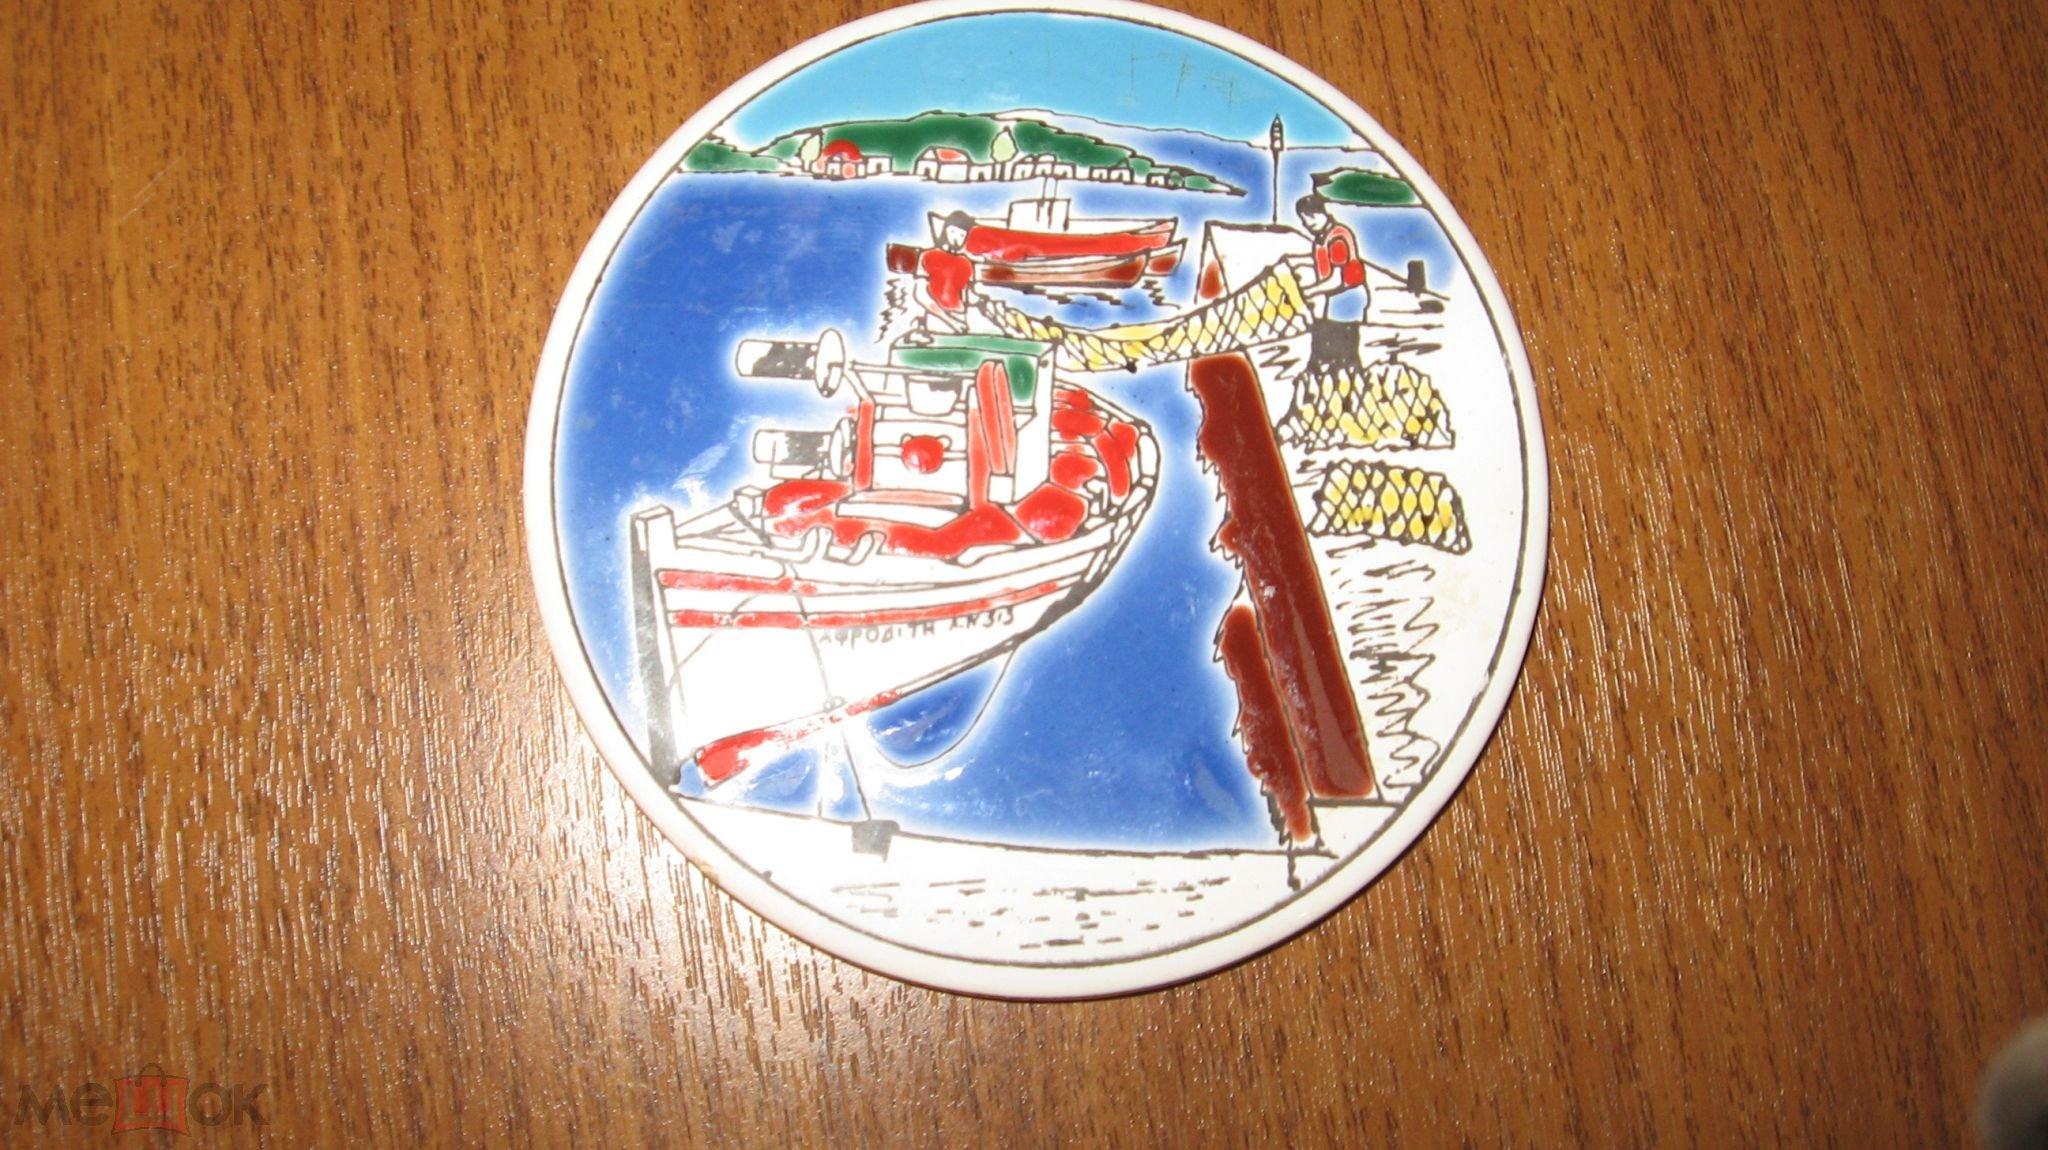 Коустер-подставка керамическая для стаканов, чашек. Сделано в Греции. Ручная работа 9 см